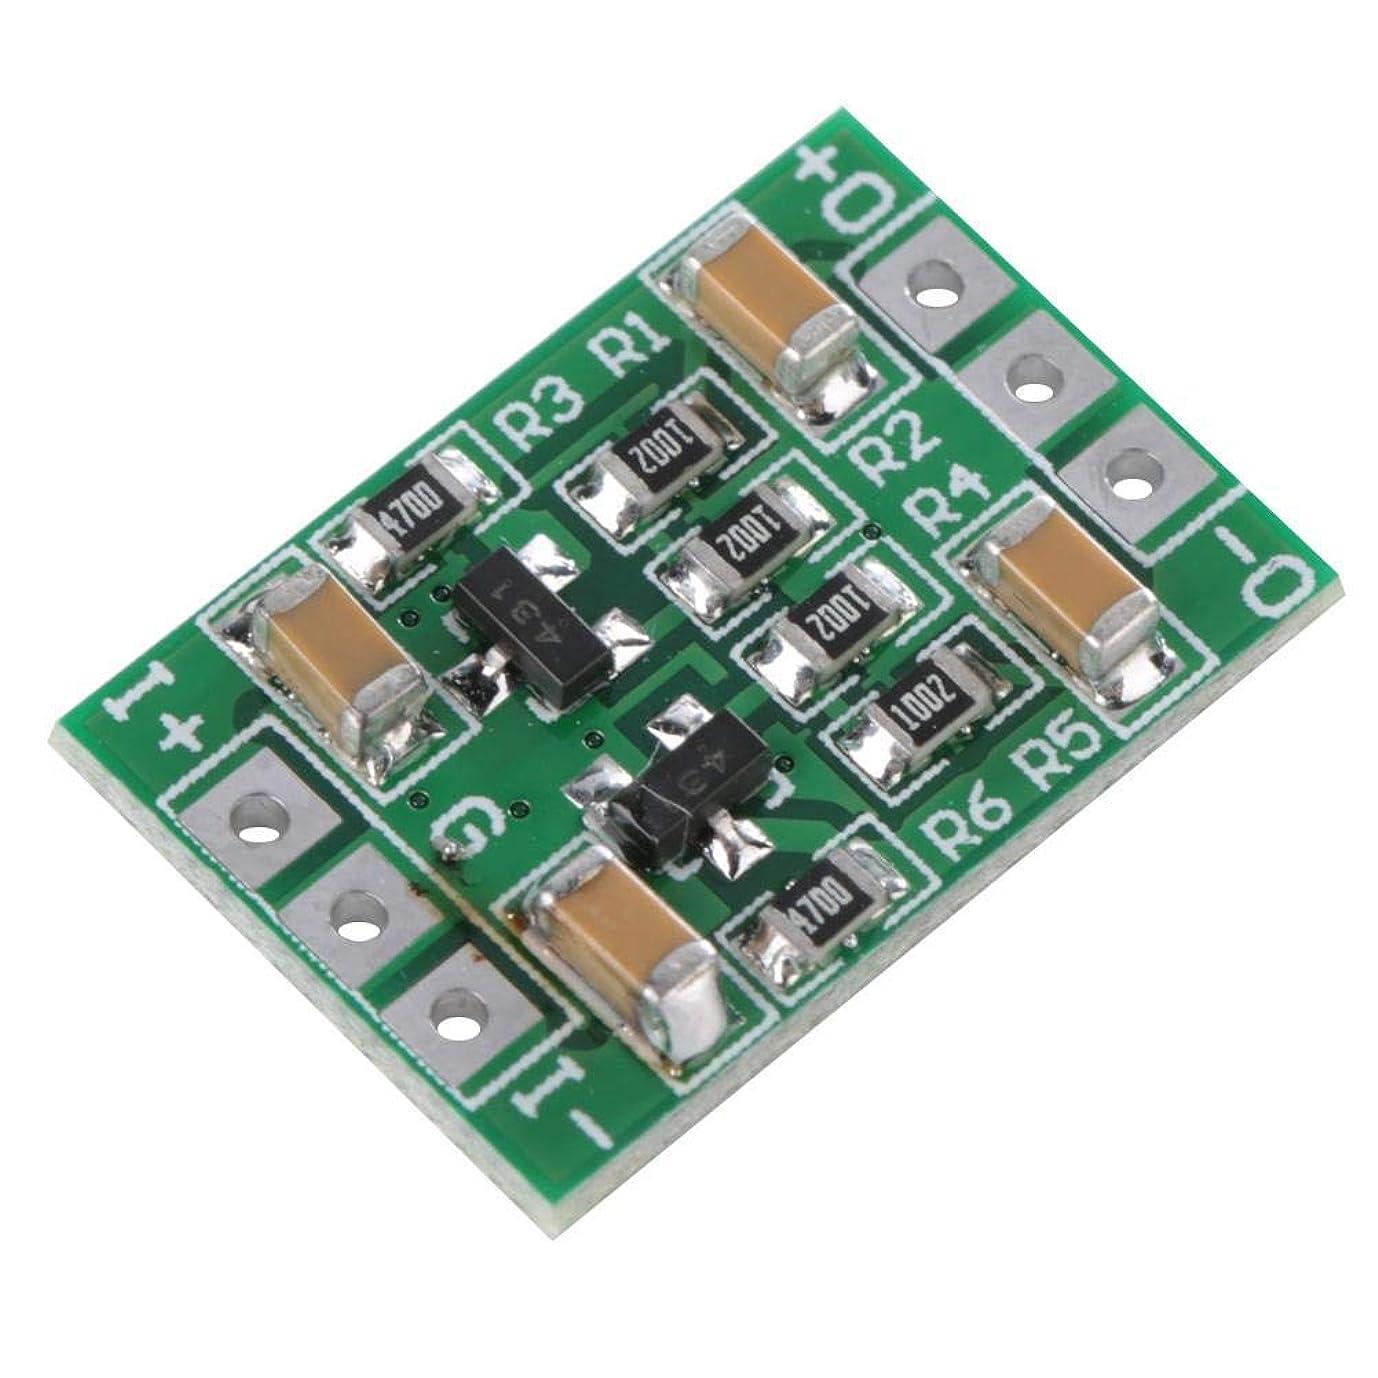 脊椎仲良し考案するZD3605PA電圧リファレンスソースボード、入力ワイド電圧出力±2.5V 3.3V 5V 7.5V 10V 12V高精度電圧リファレンスソースボード電子部品キャビネット高精度電圧リファレンスモジュール(±5VDC)